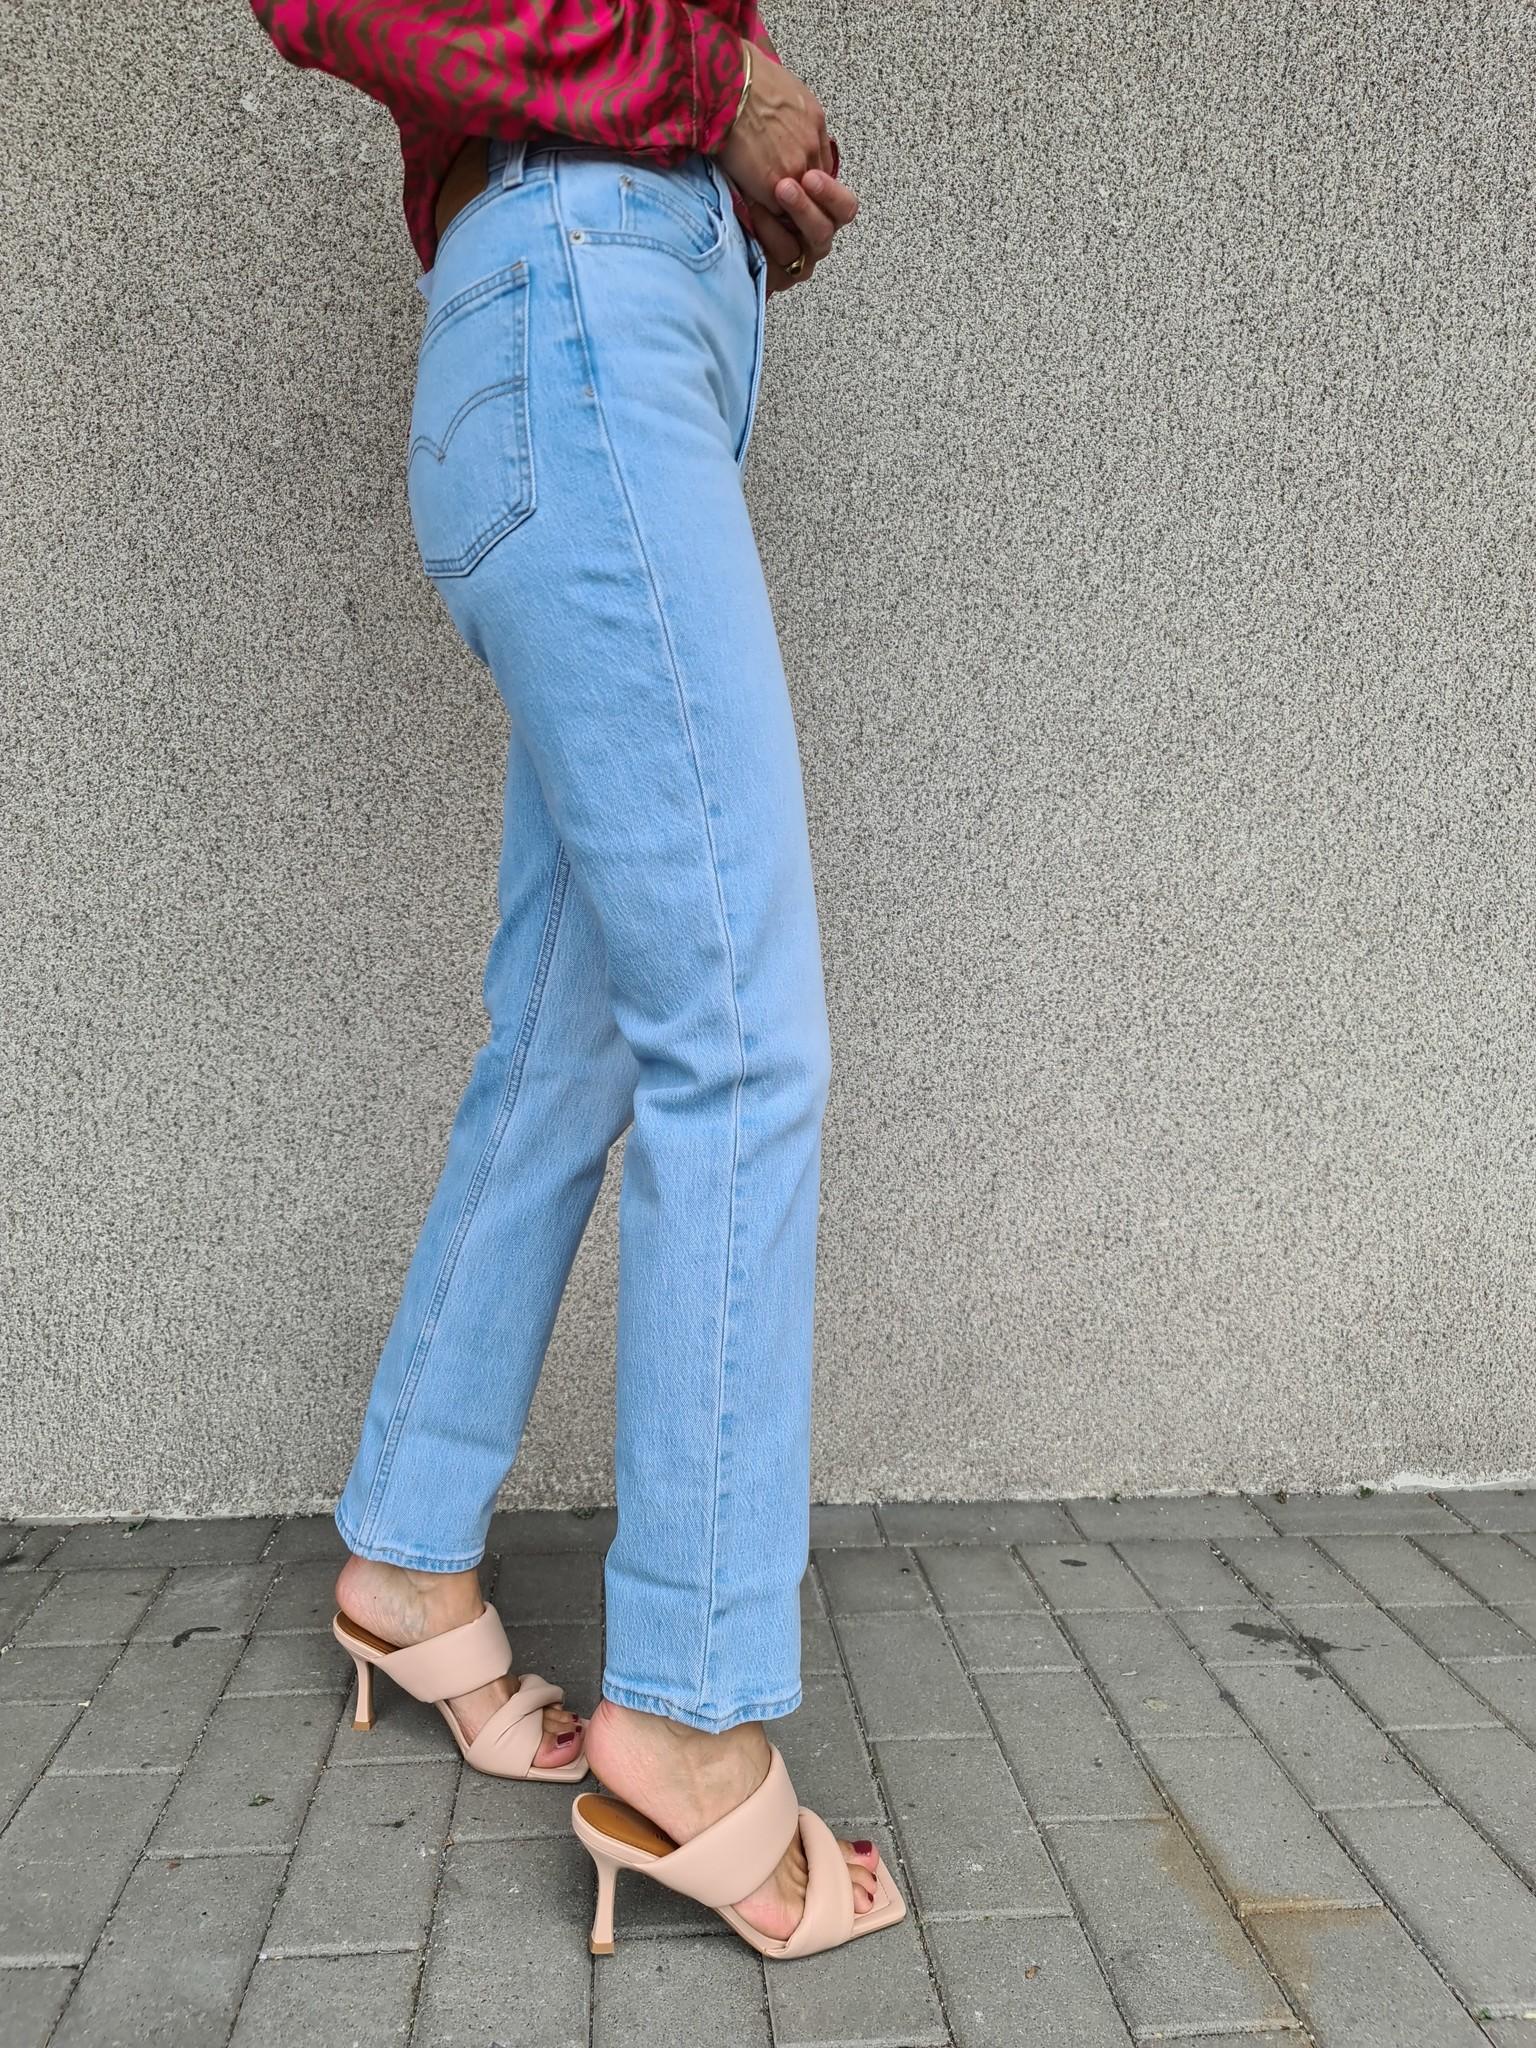 LEVIS jeans-3